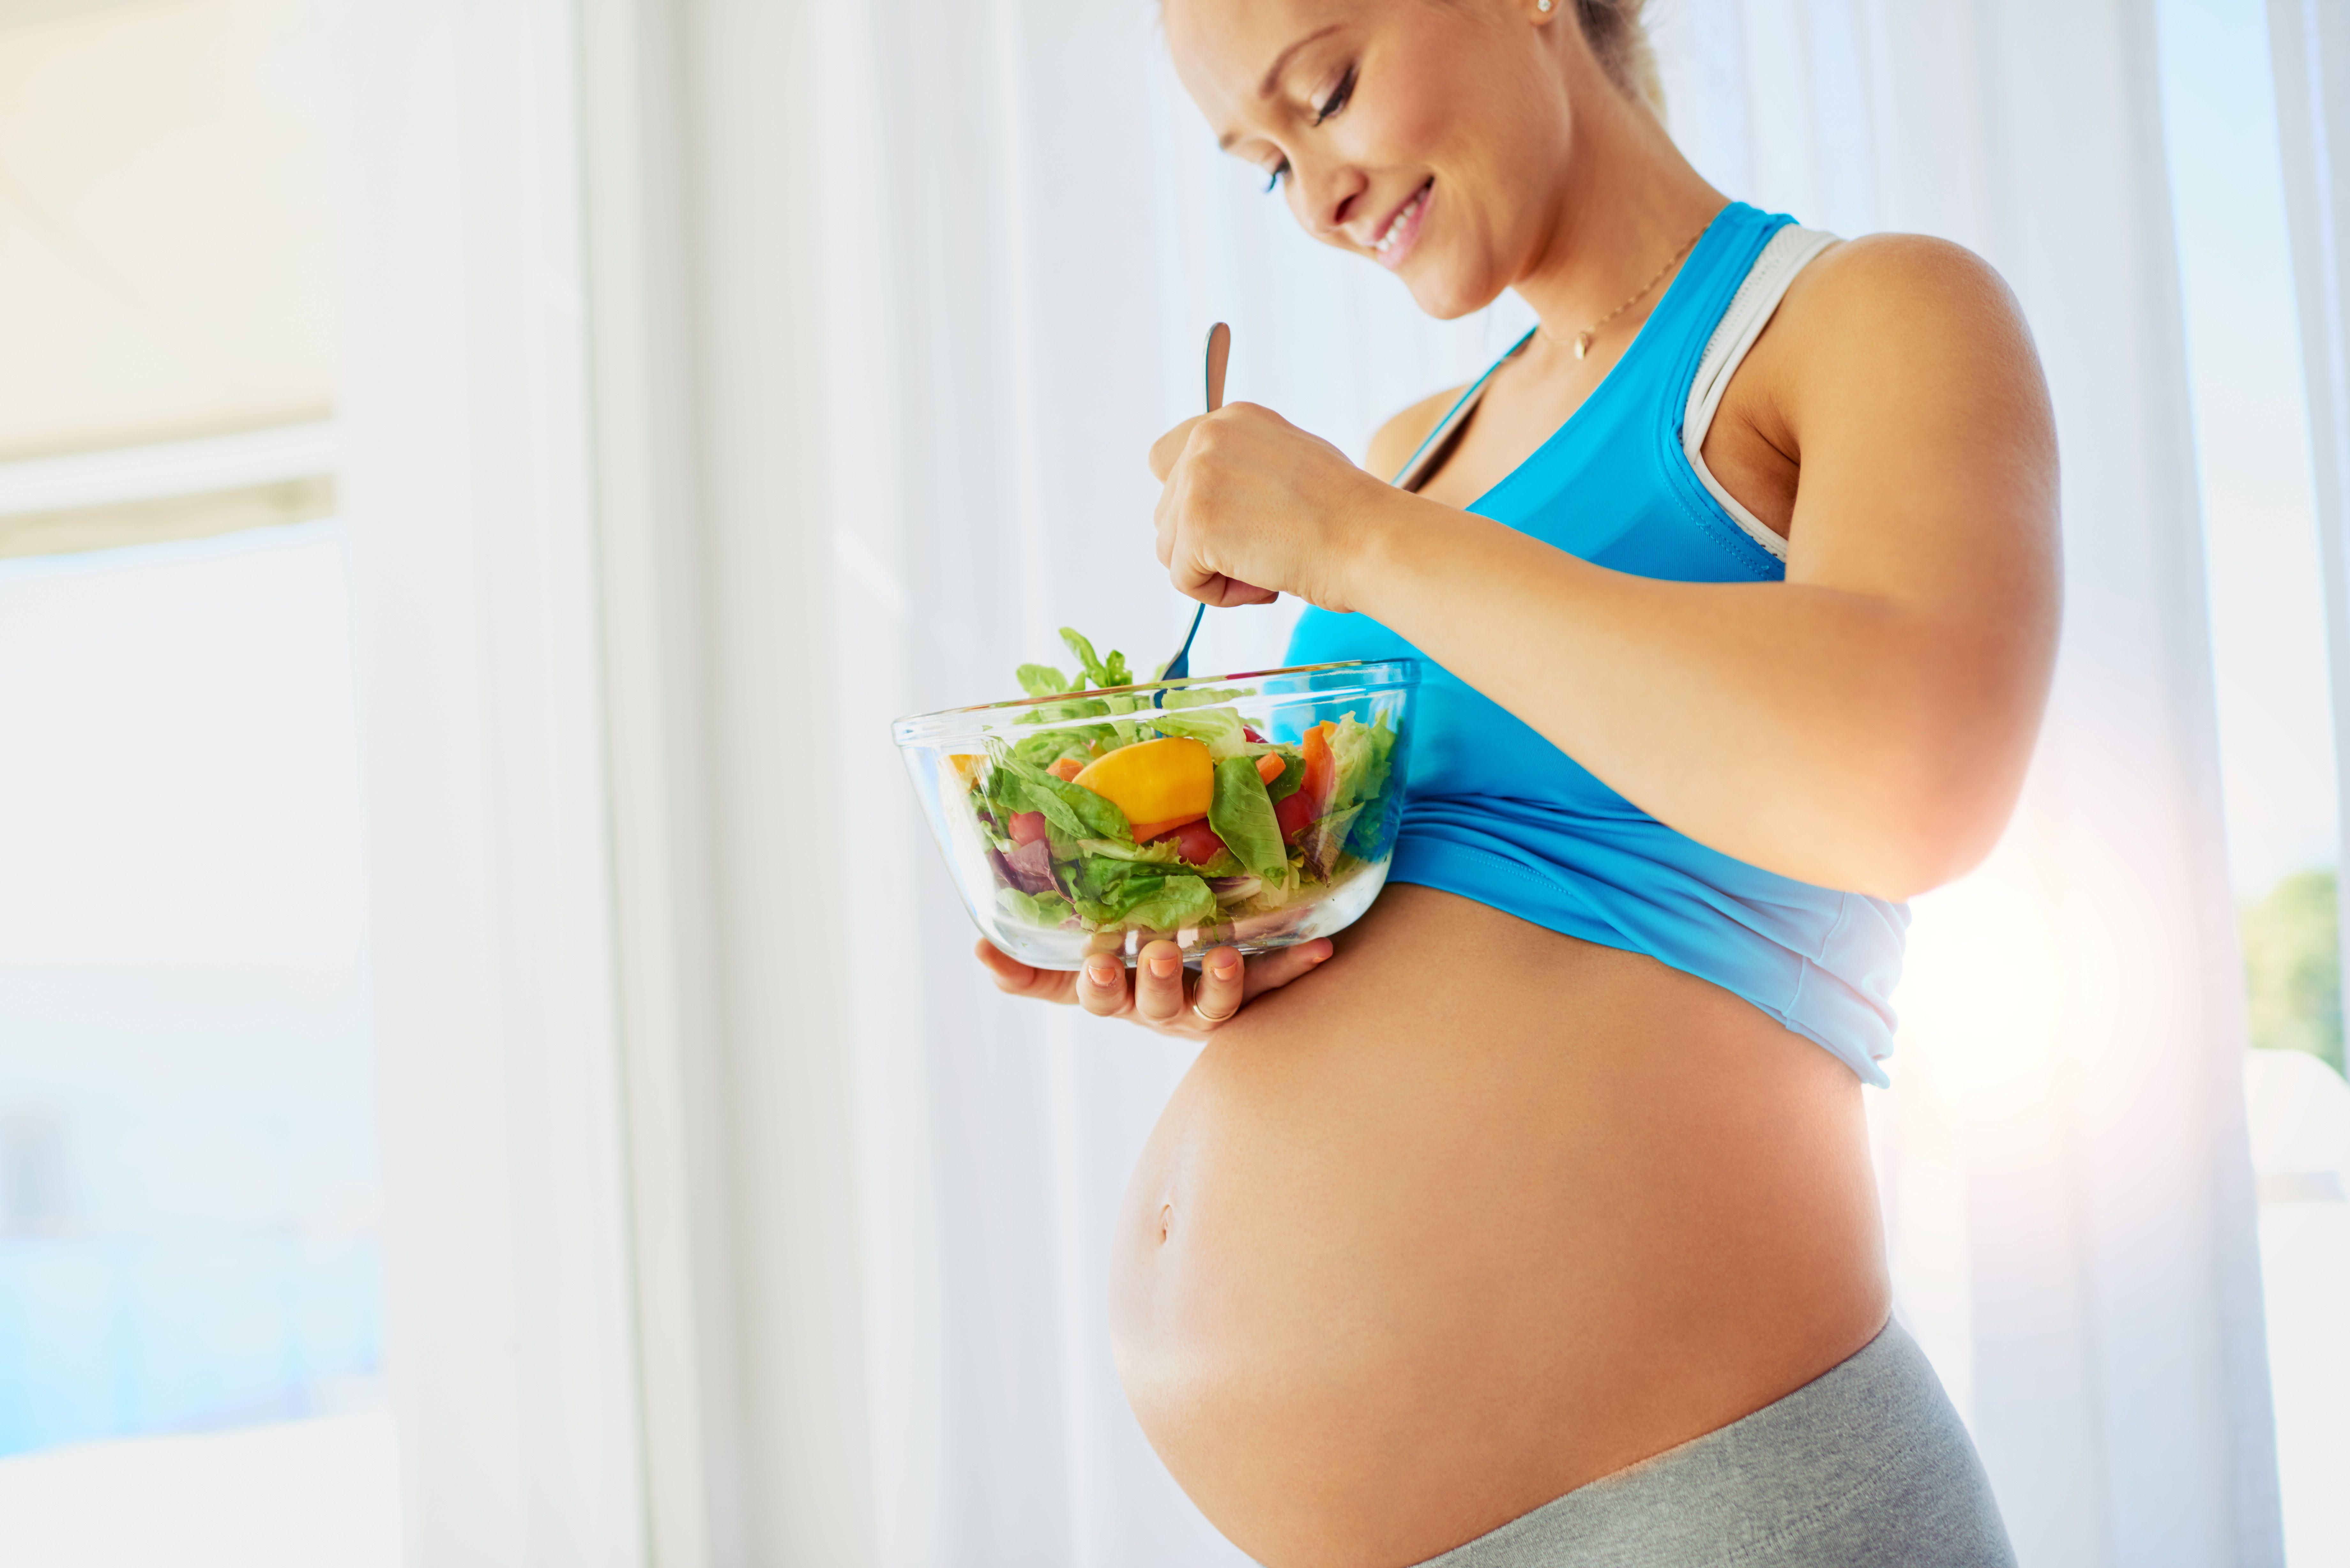 Consulta de dietética y nutrición